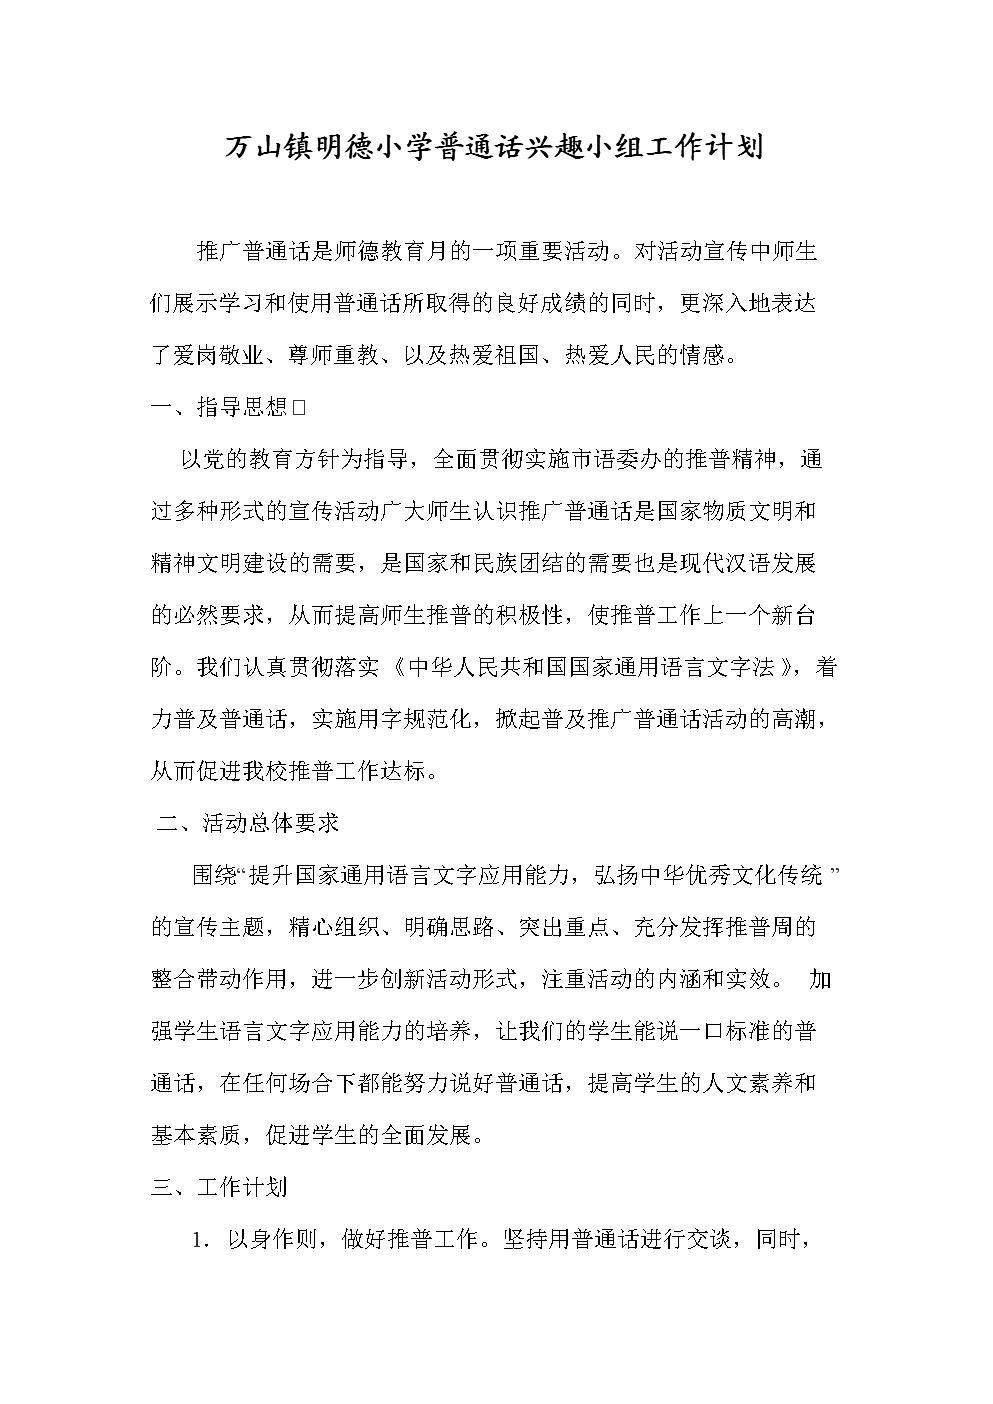 普通话兴趣小组工作计划.doc